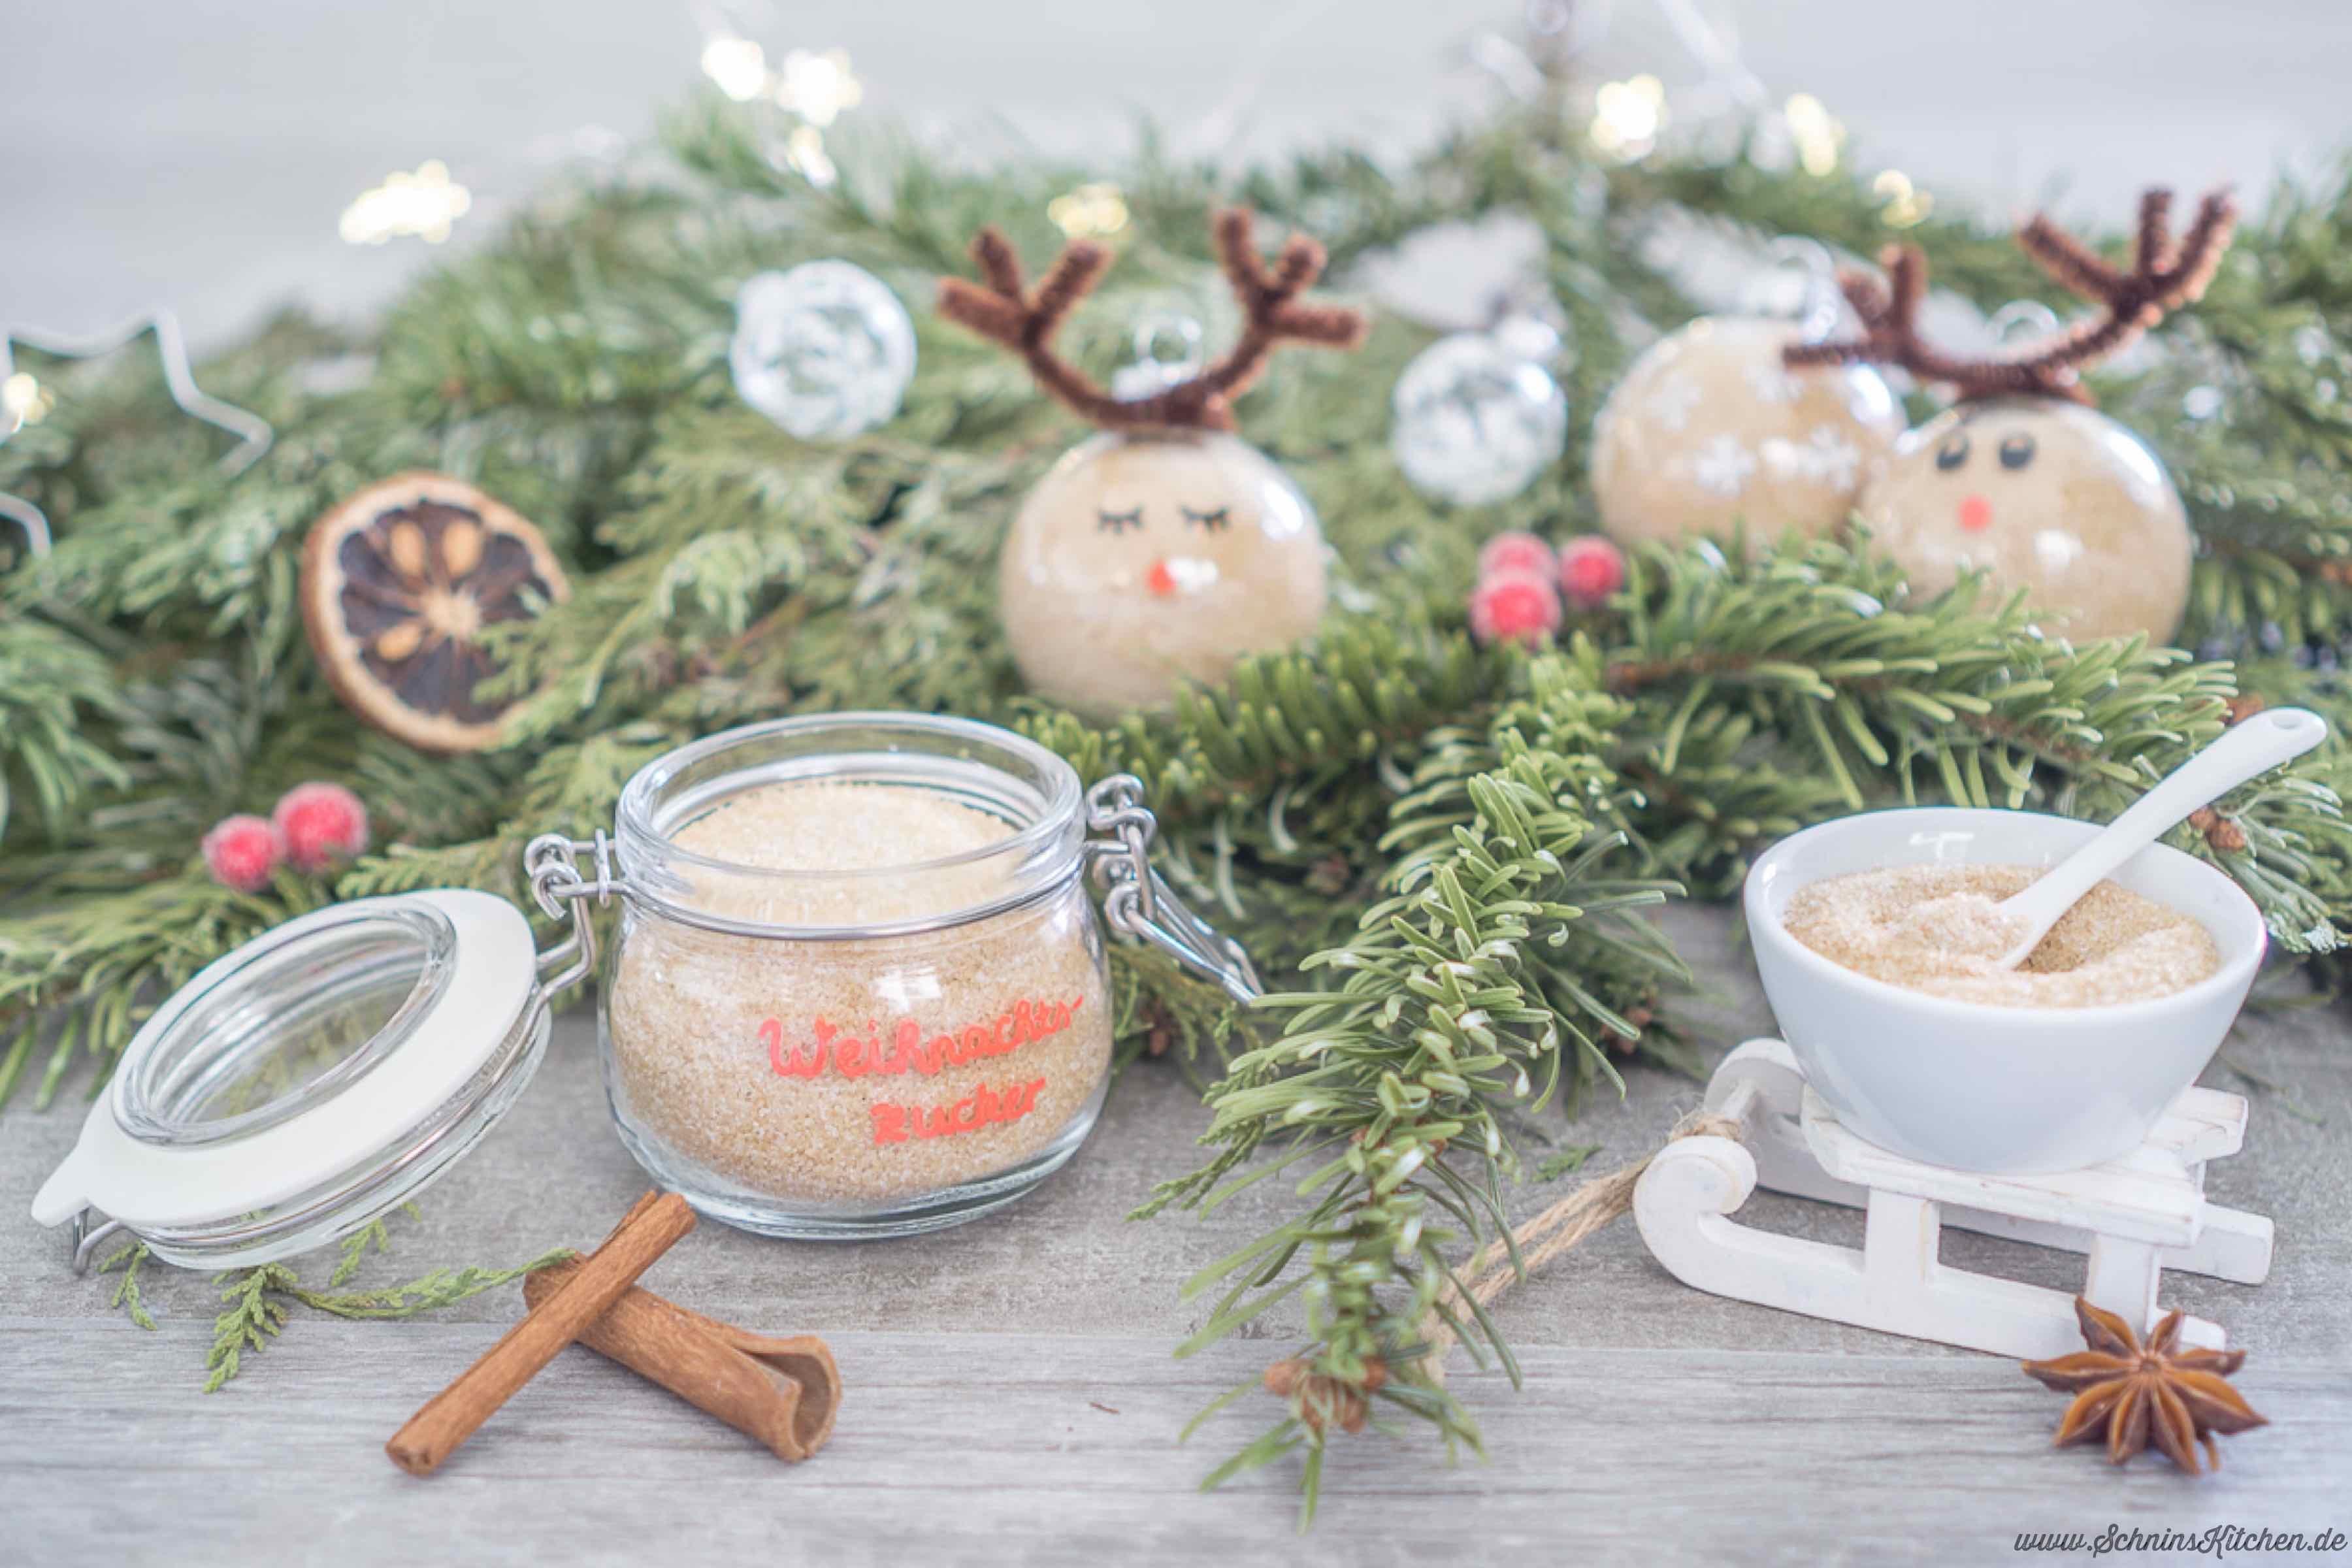 Weihnachtszucker selber machen - ein leckeres Rezept für Zucker mit Vanille und feinen Weihnachtsgewürzen als Geschenk aus der Küche | www.schninskitchen.de